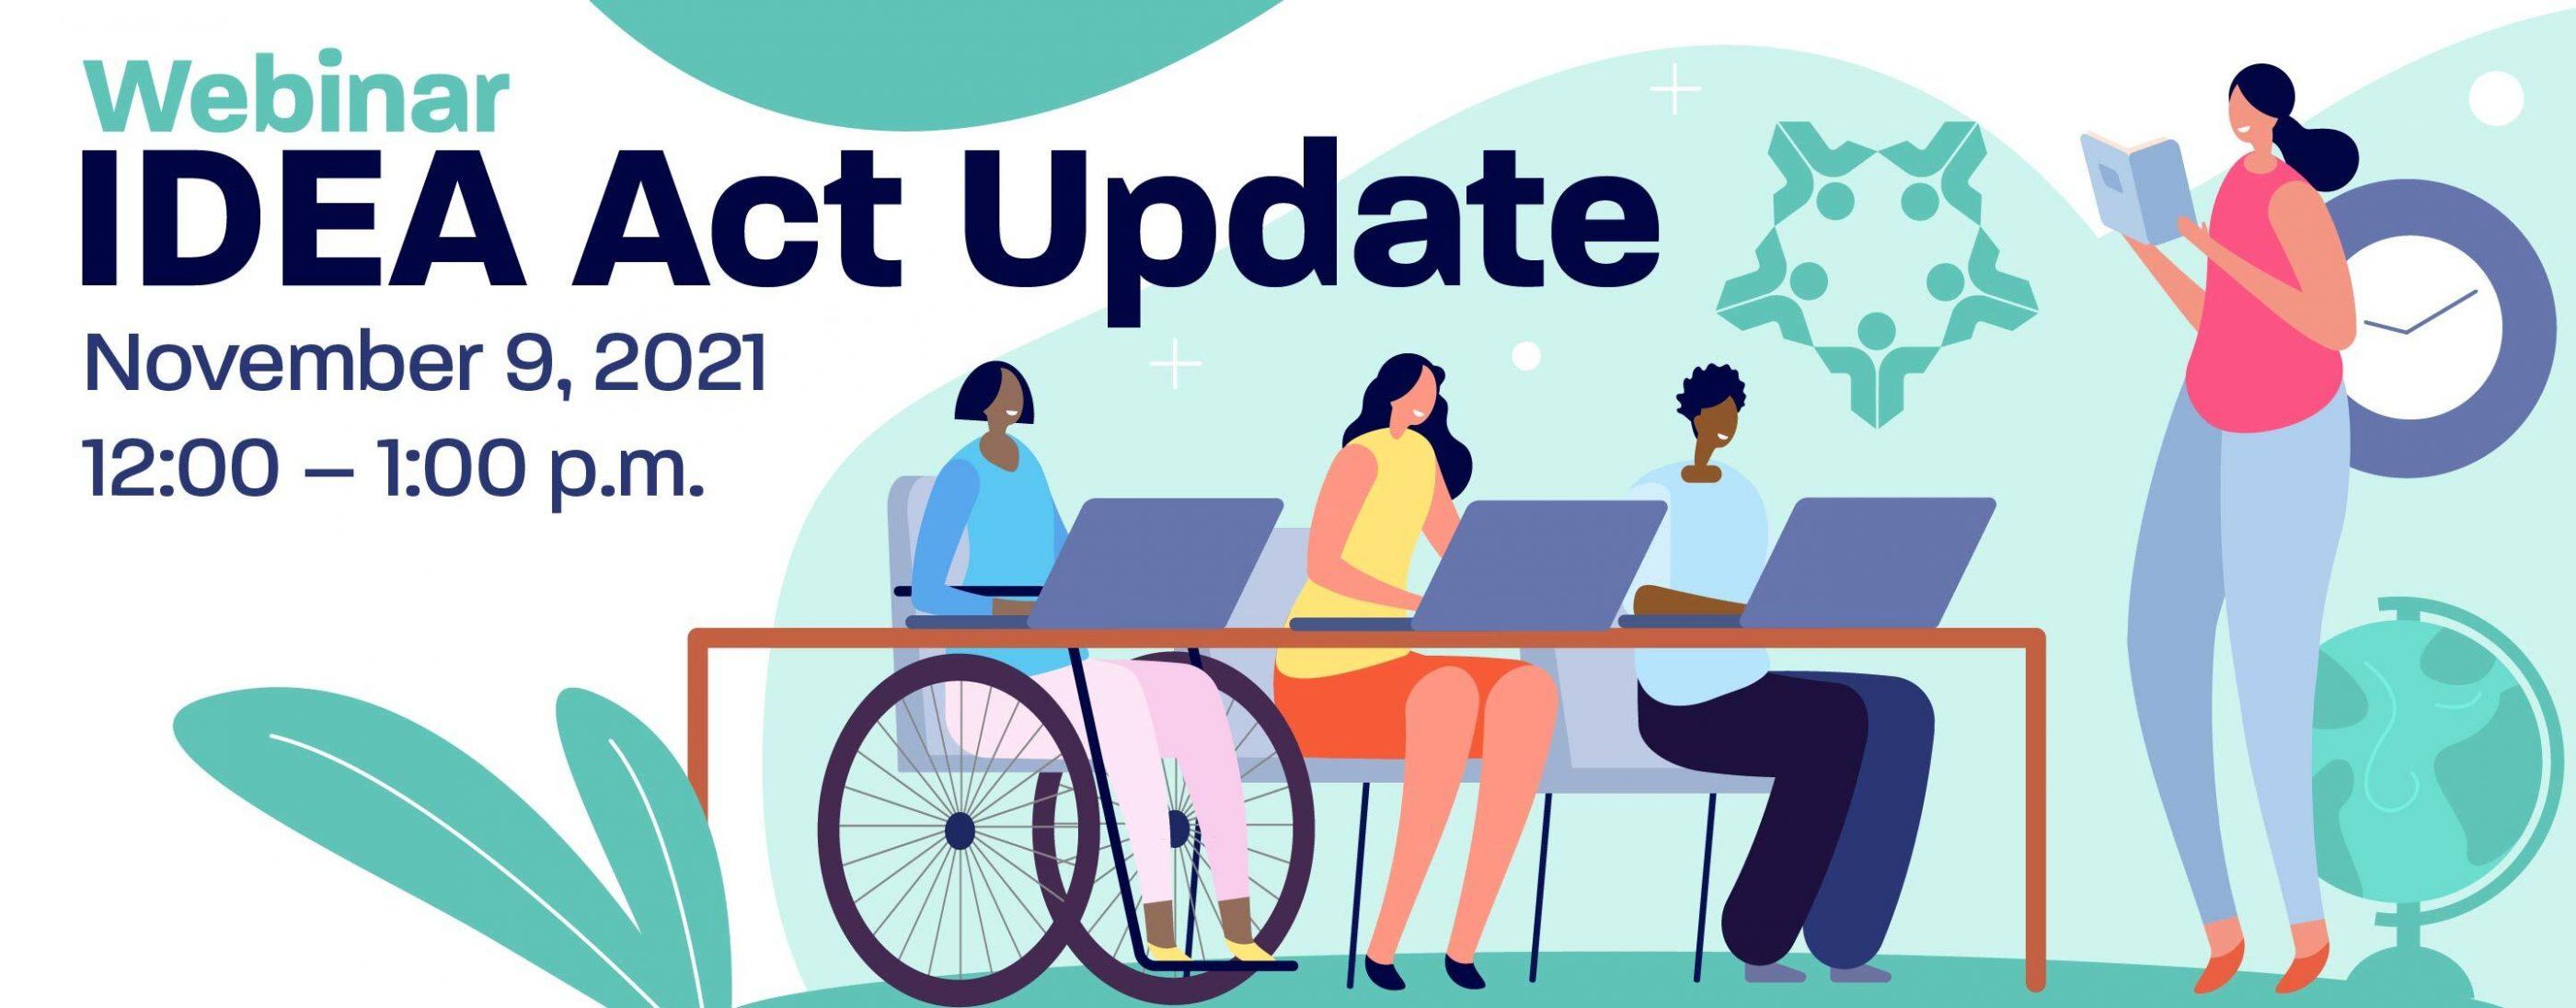 Attend IDEA Act update webinar